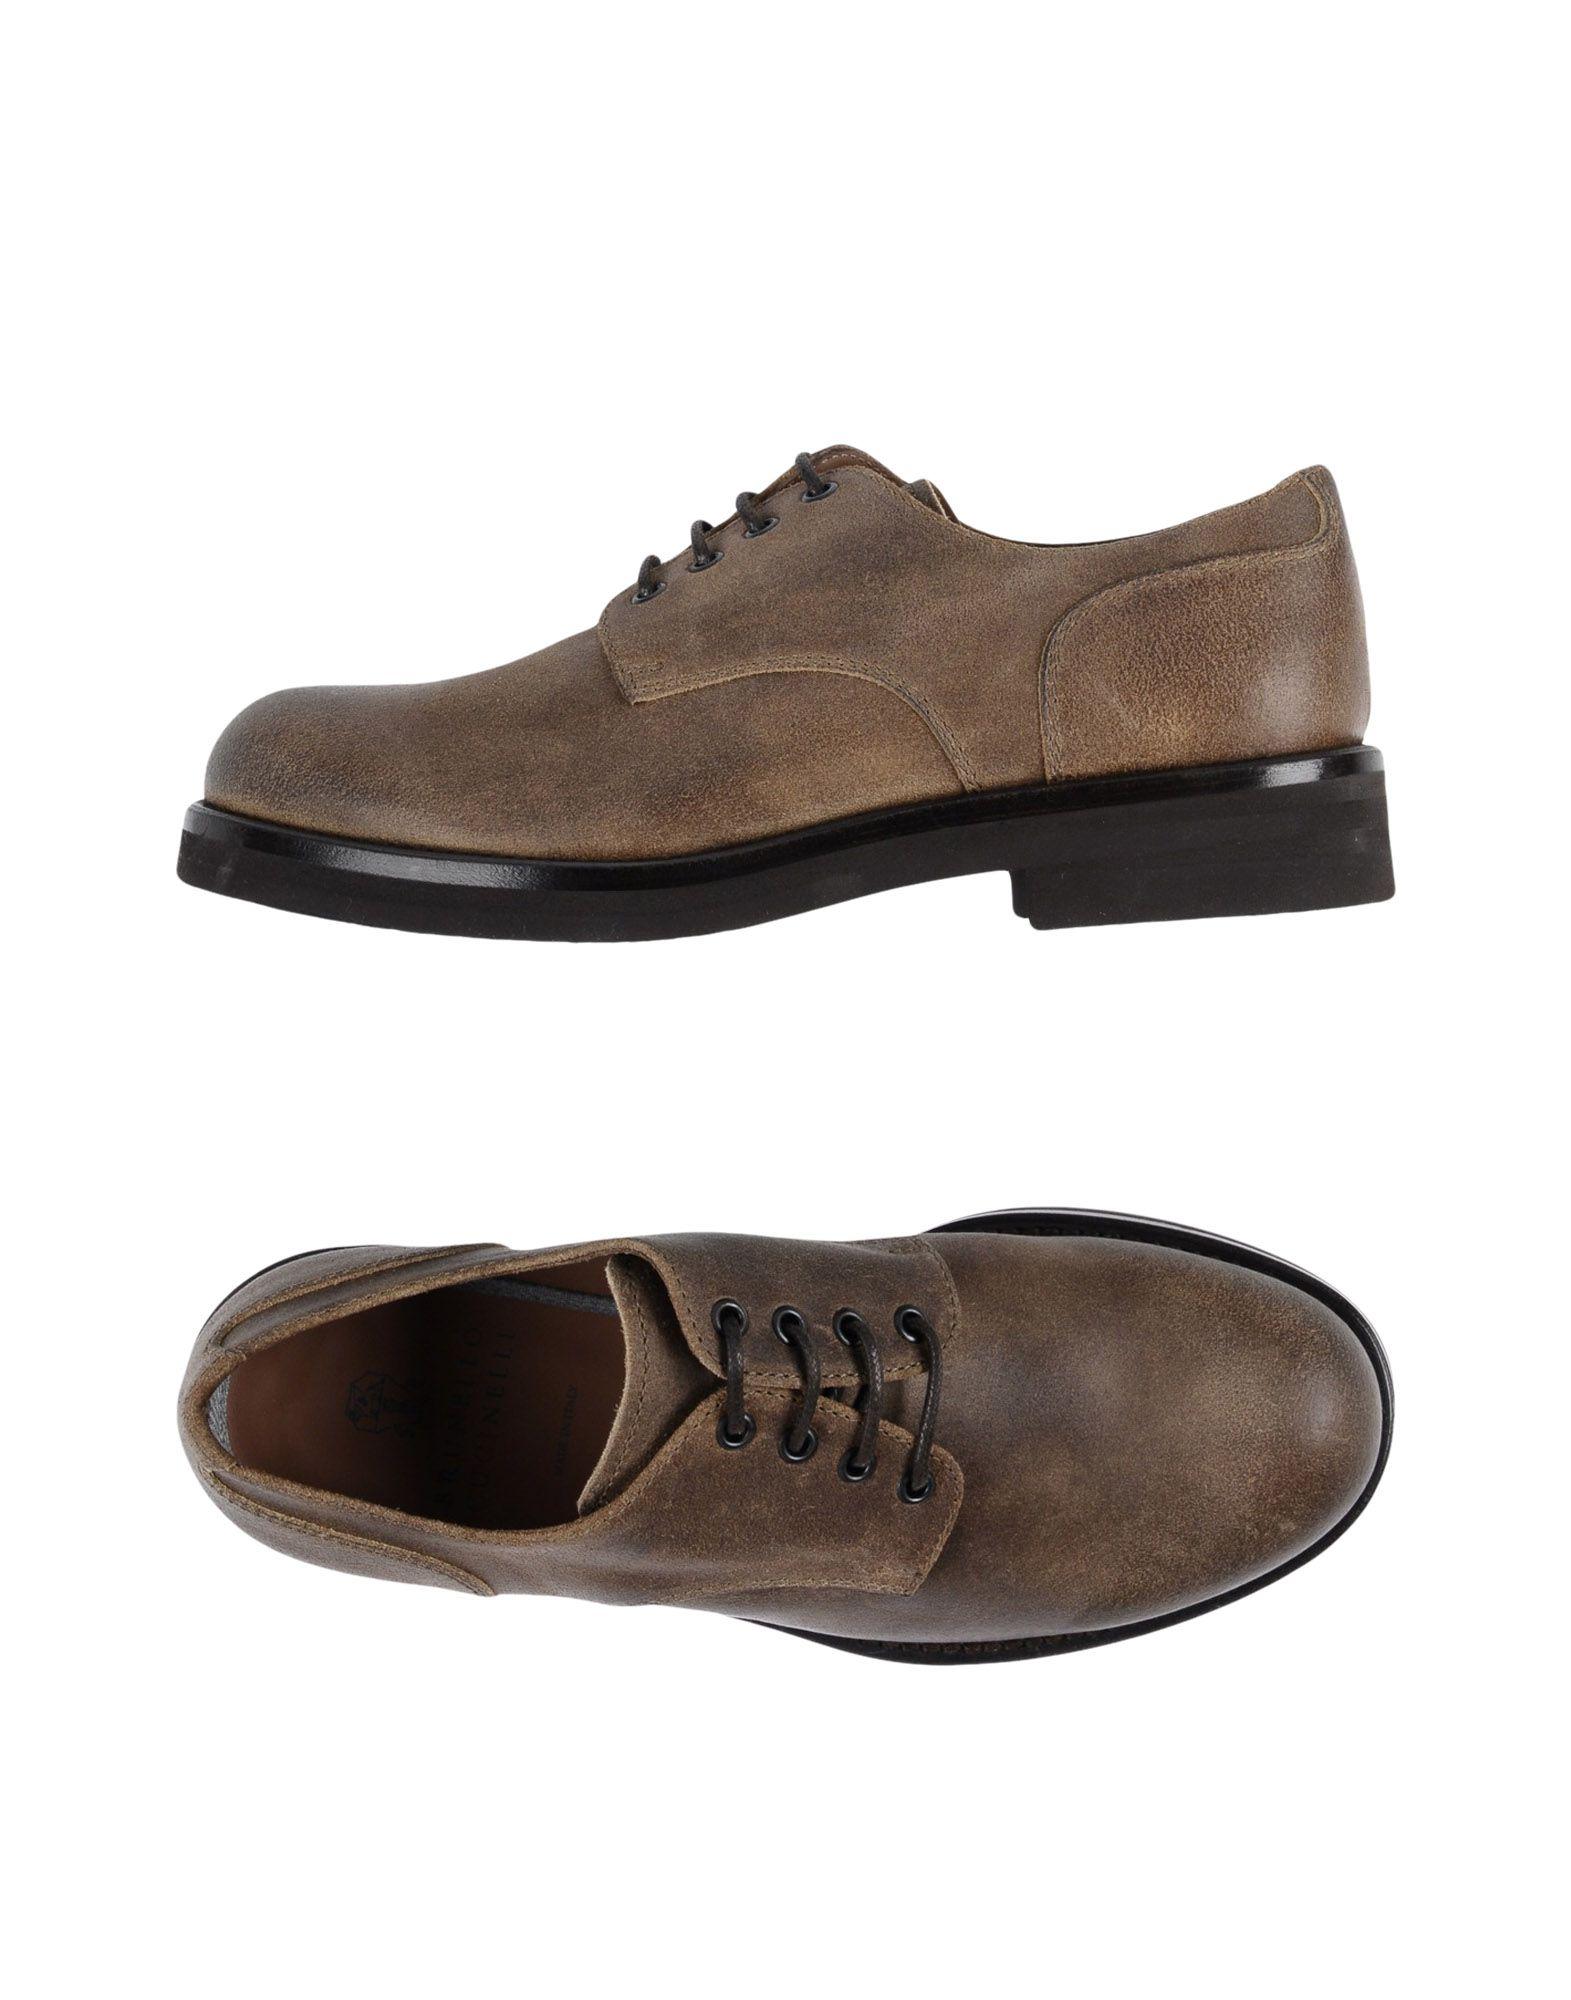 Brunello Cucinelli Schnürschuhe Herren  11504875XA Gute Qualität beliebte Schuhe